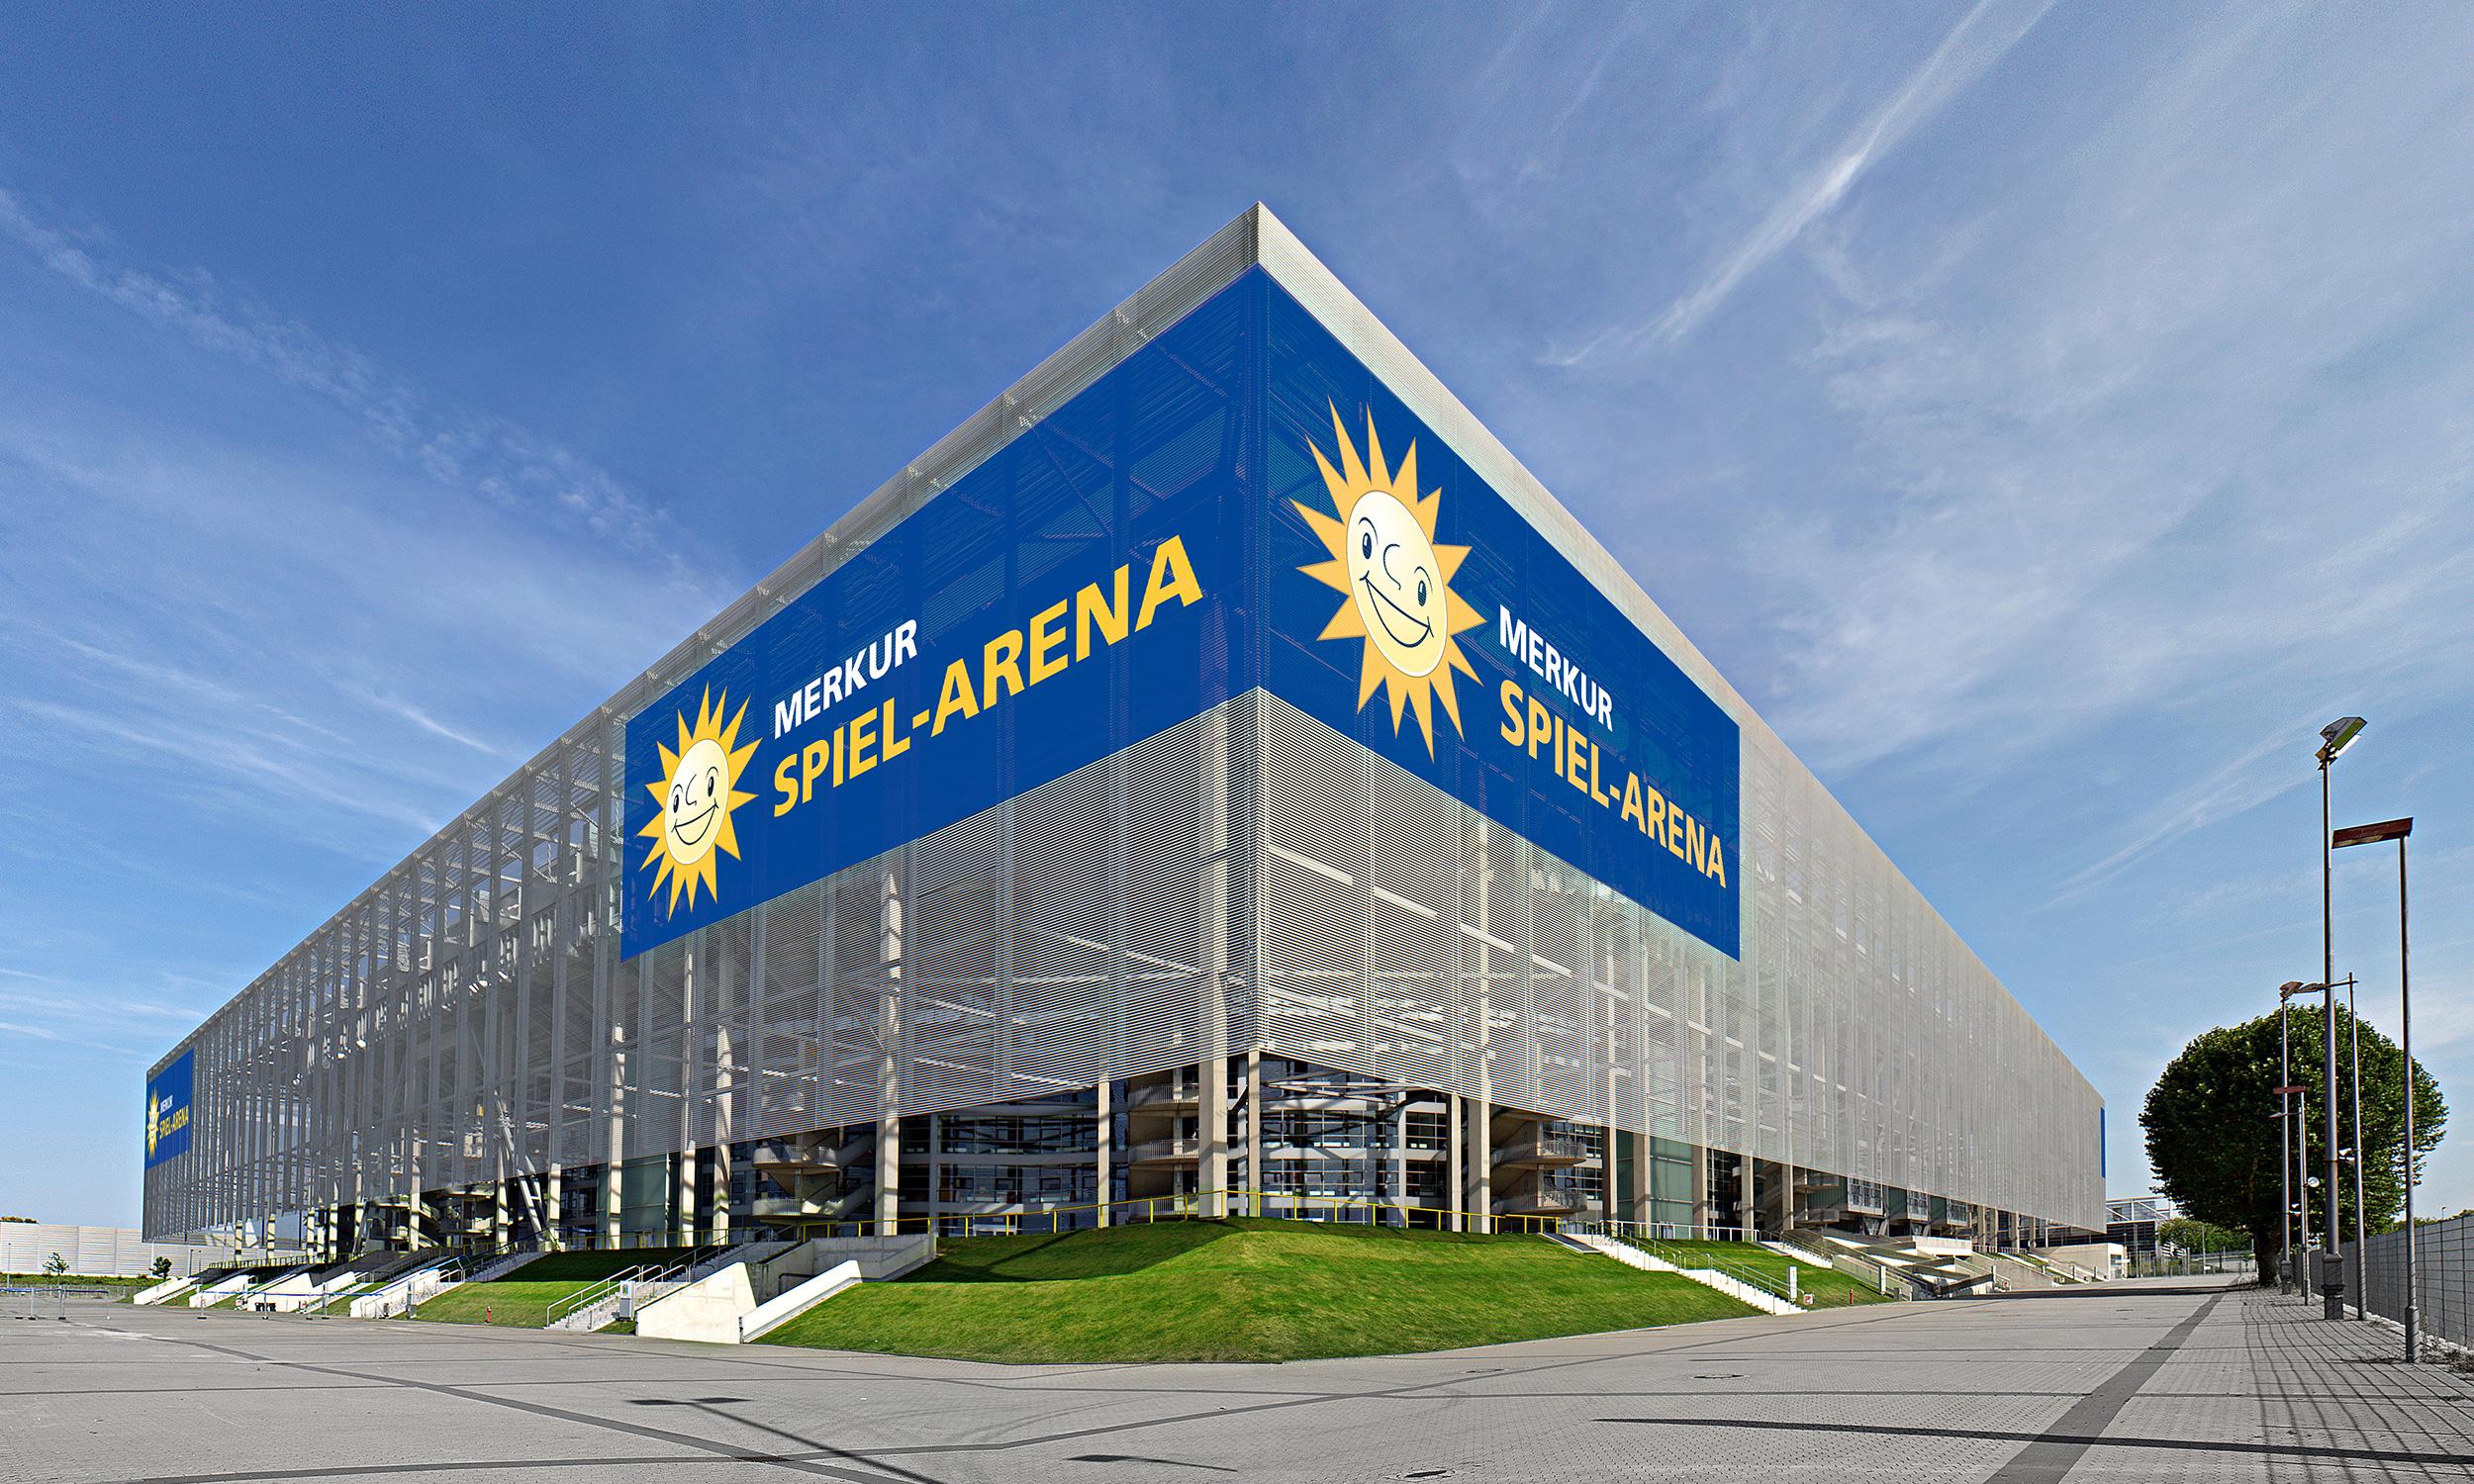 merkur-spiel-arena-site